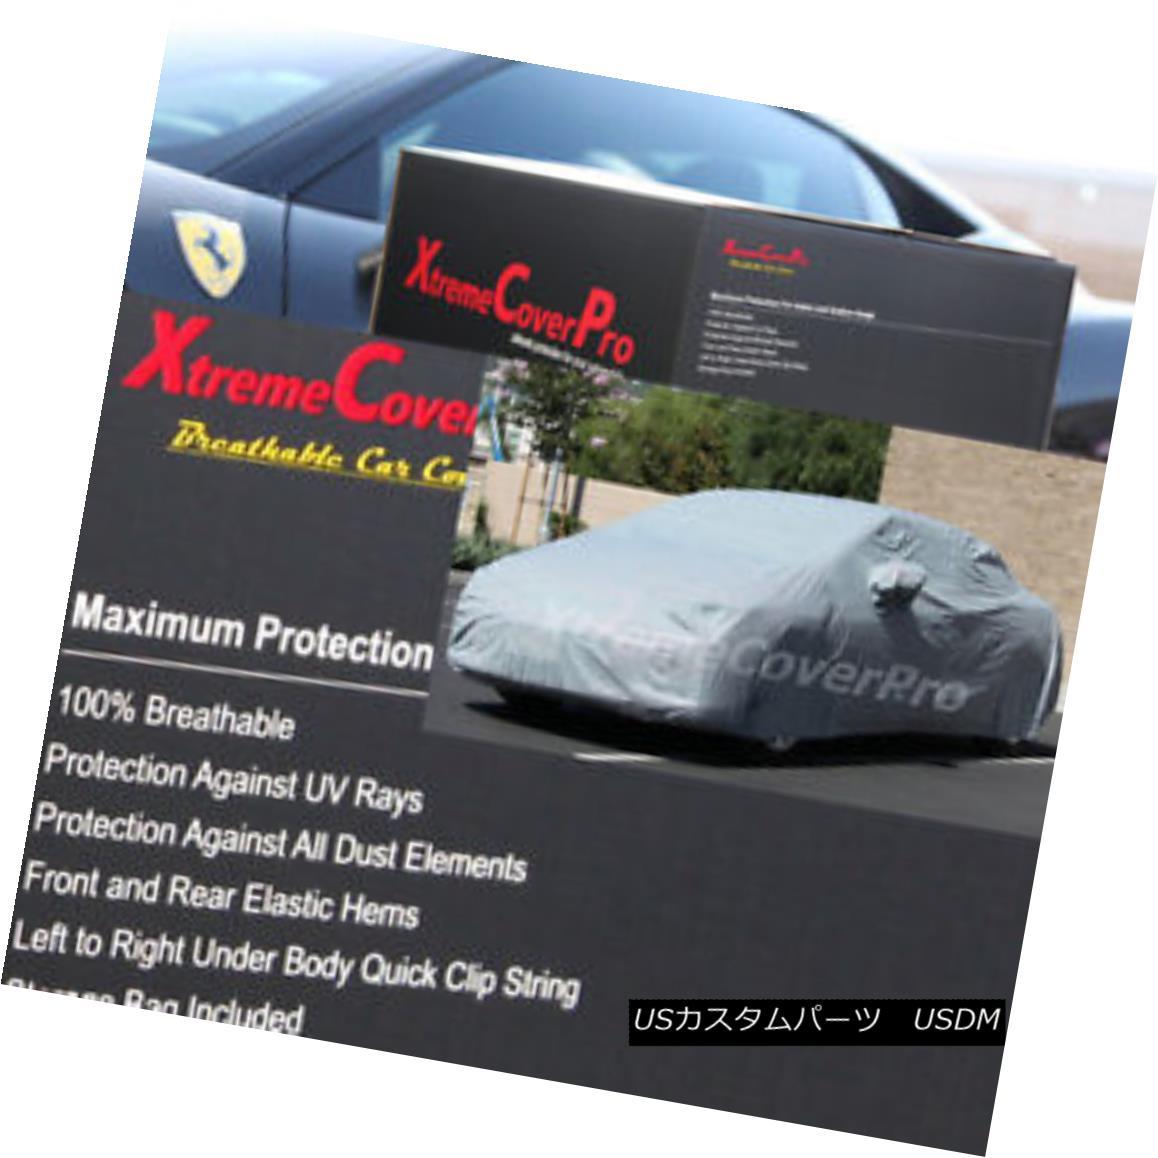 カーカバー 2015 MAZDA MAZDA6 Breathable Car Cover w/Mirror Pockets - Gray 2015 MAZDA MAZDA6通気性のある車カバー、ミラーポケット付き - グレー